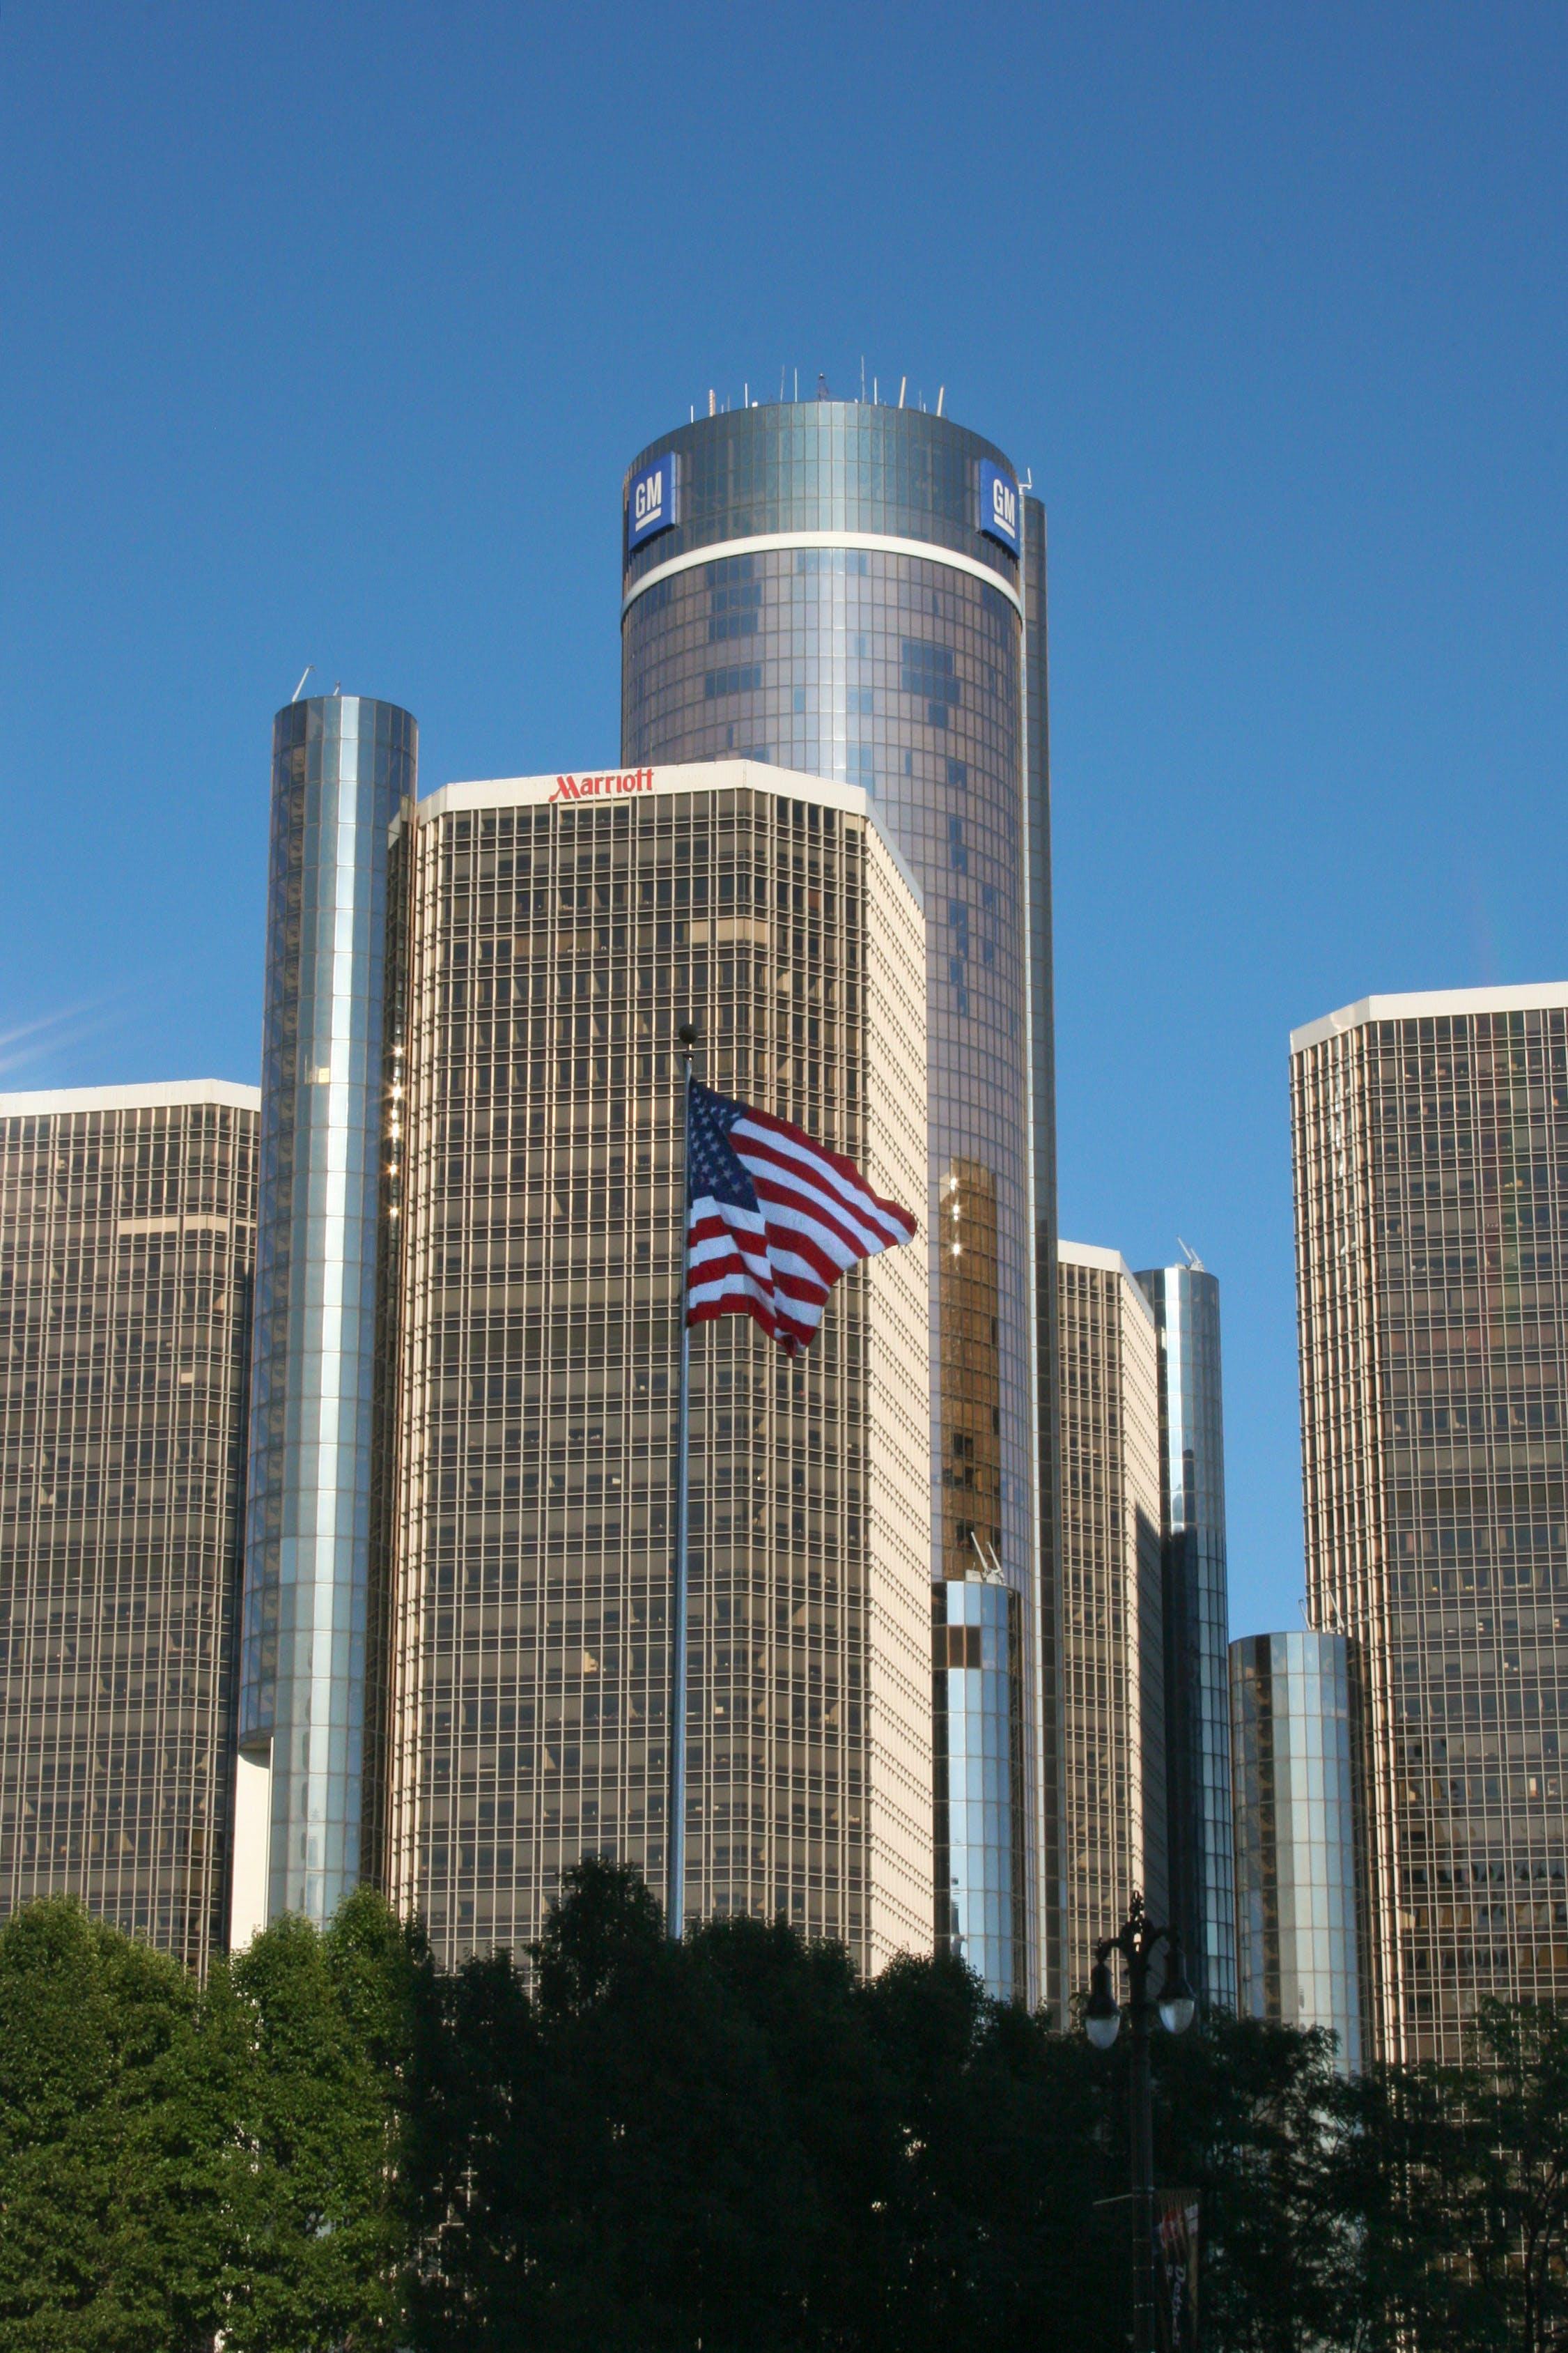 gm ústředí, kancelářská budova, mrakodrap